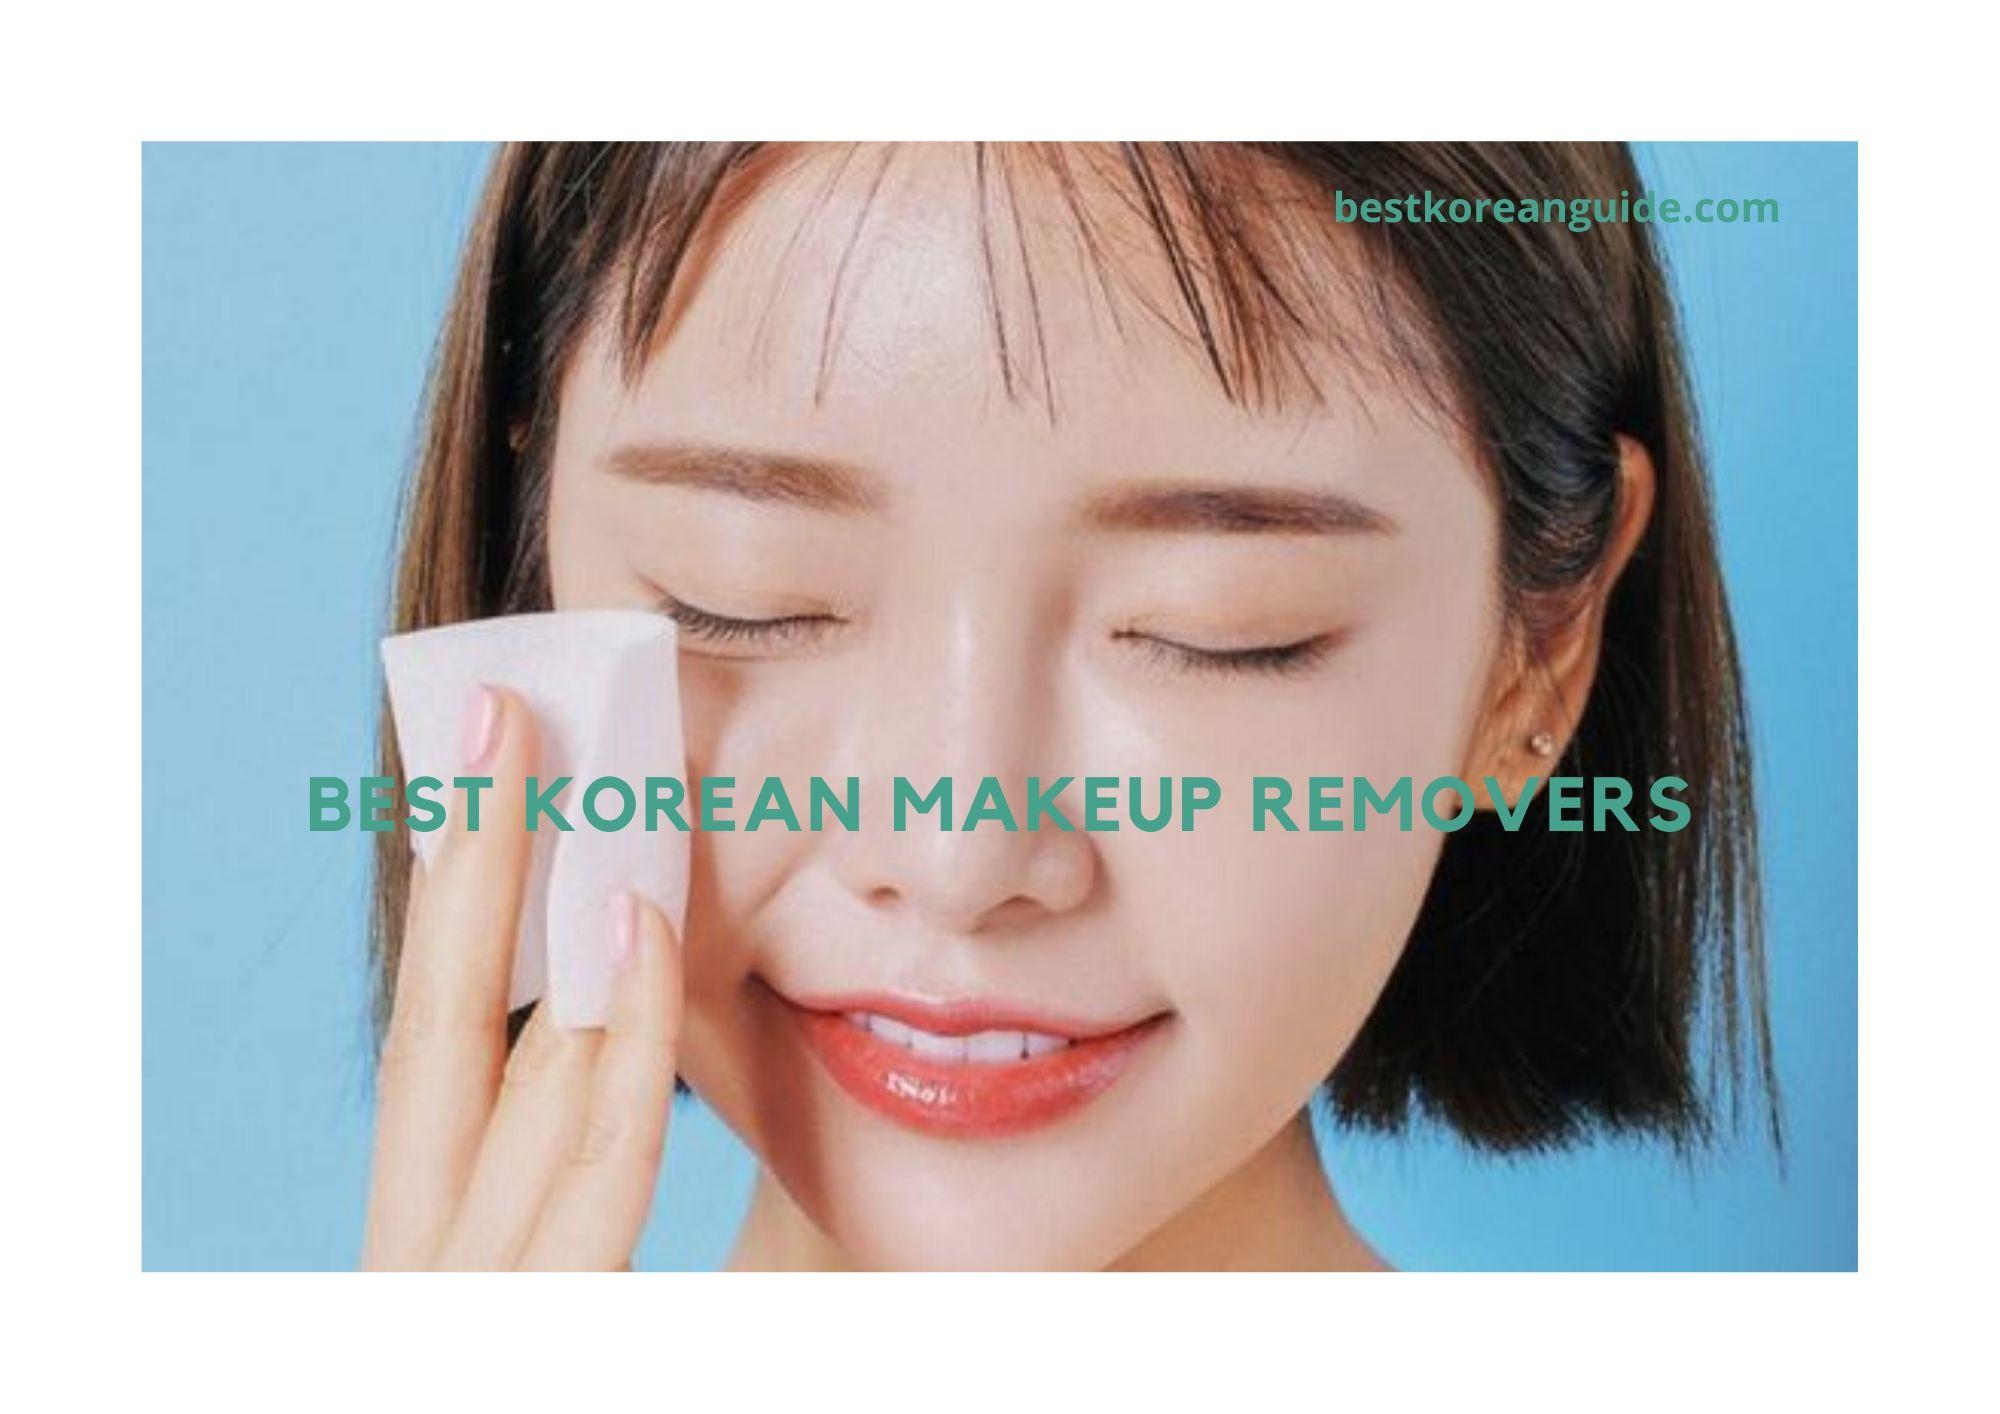 Best korean makeup removers